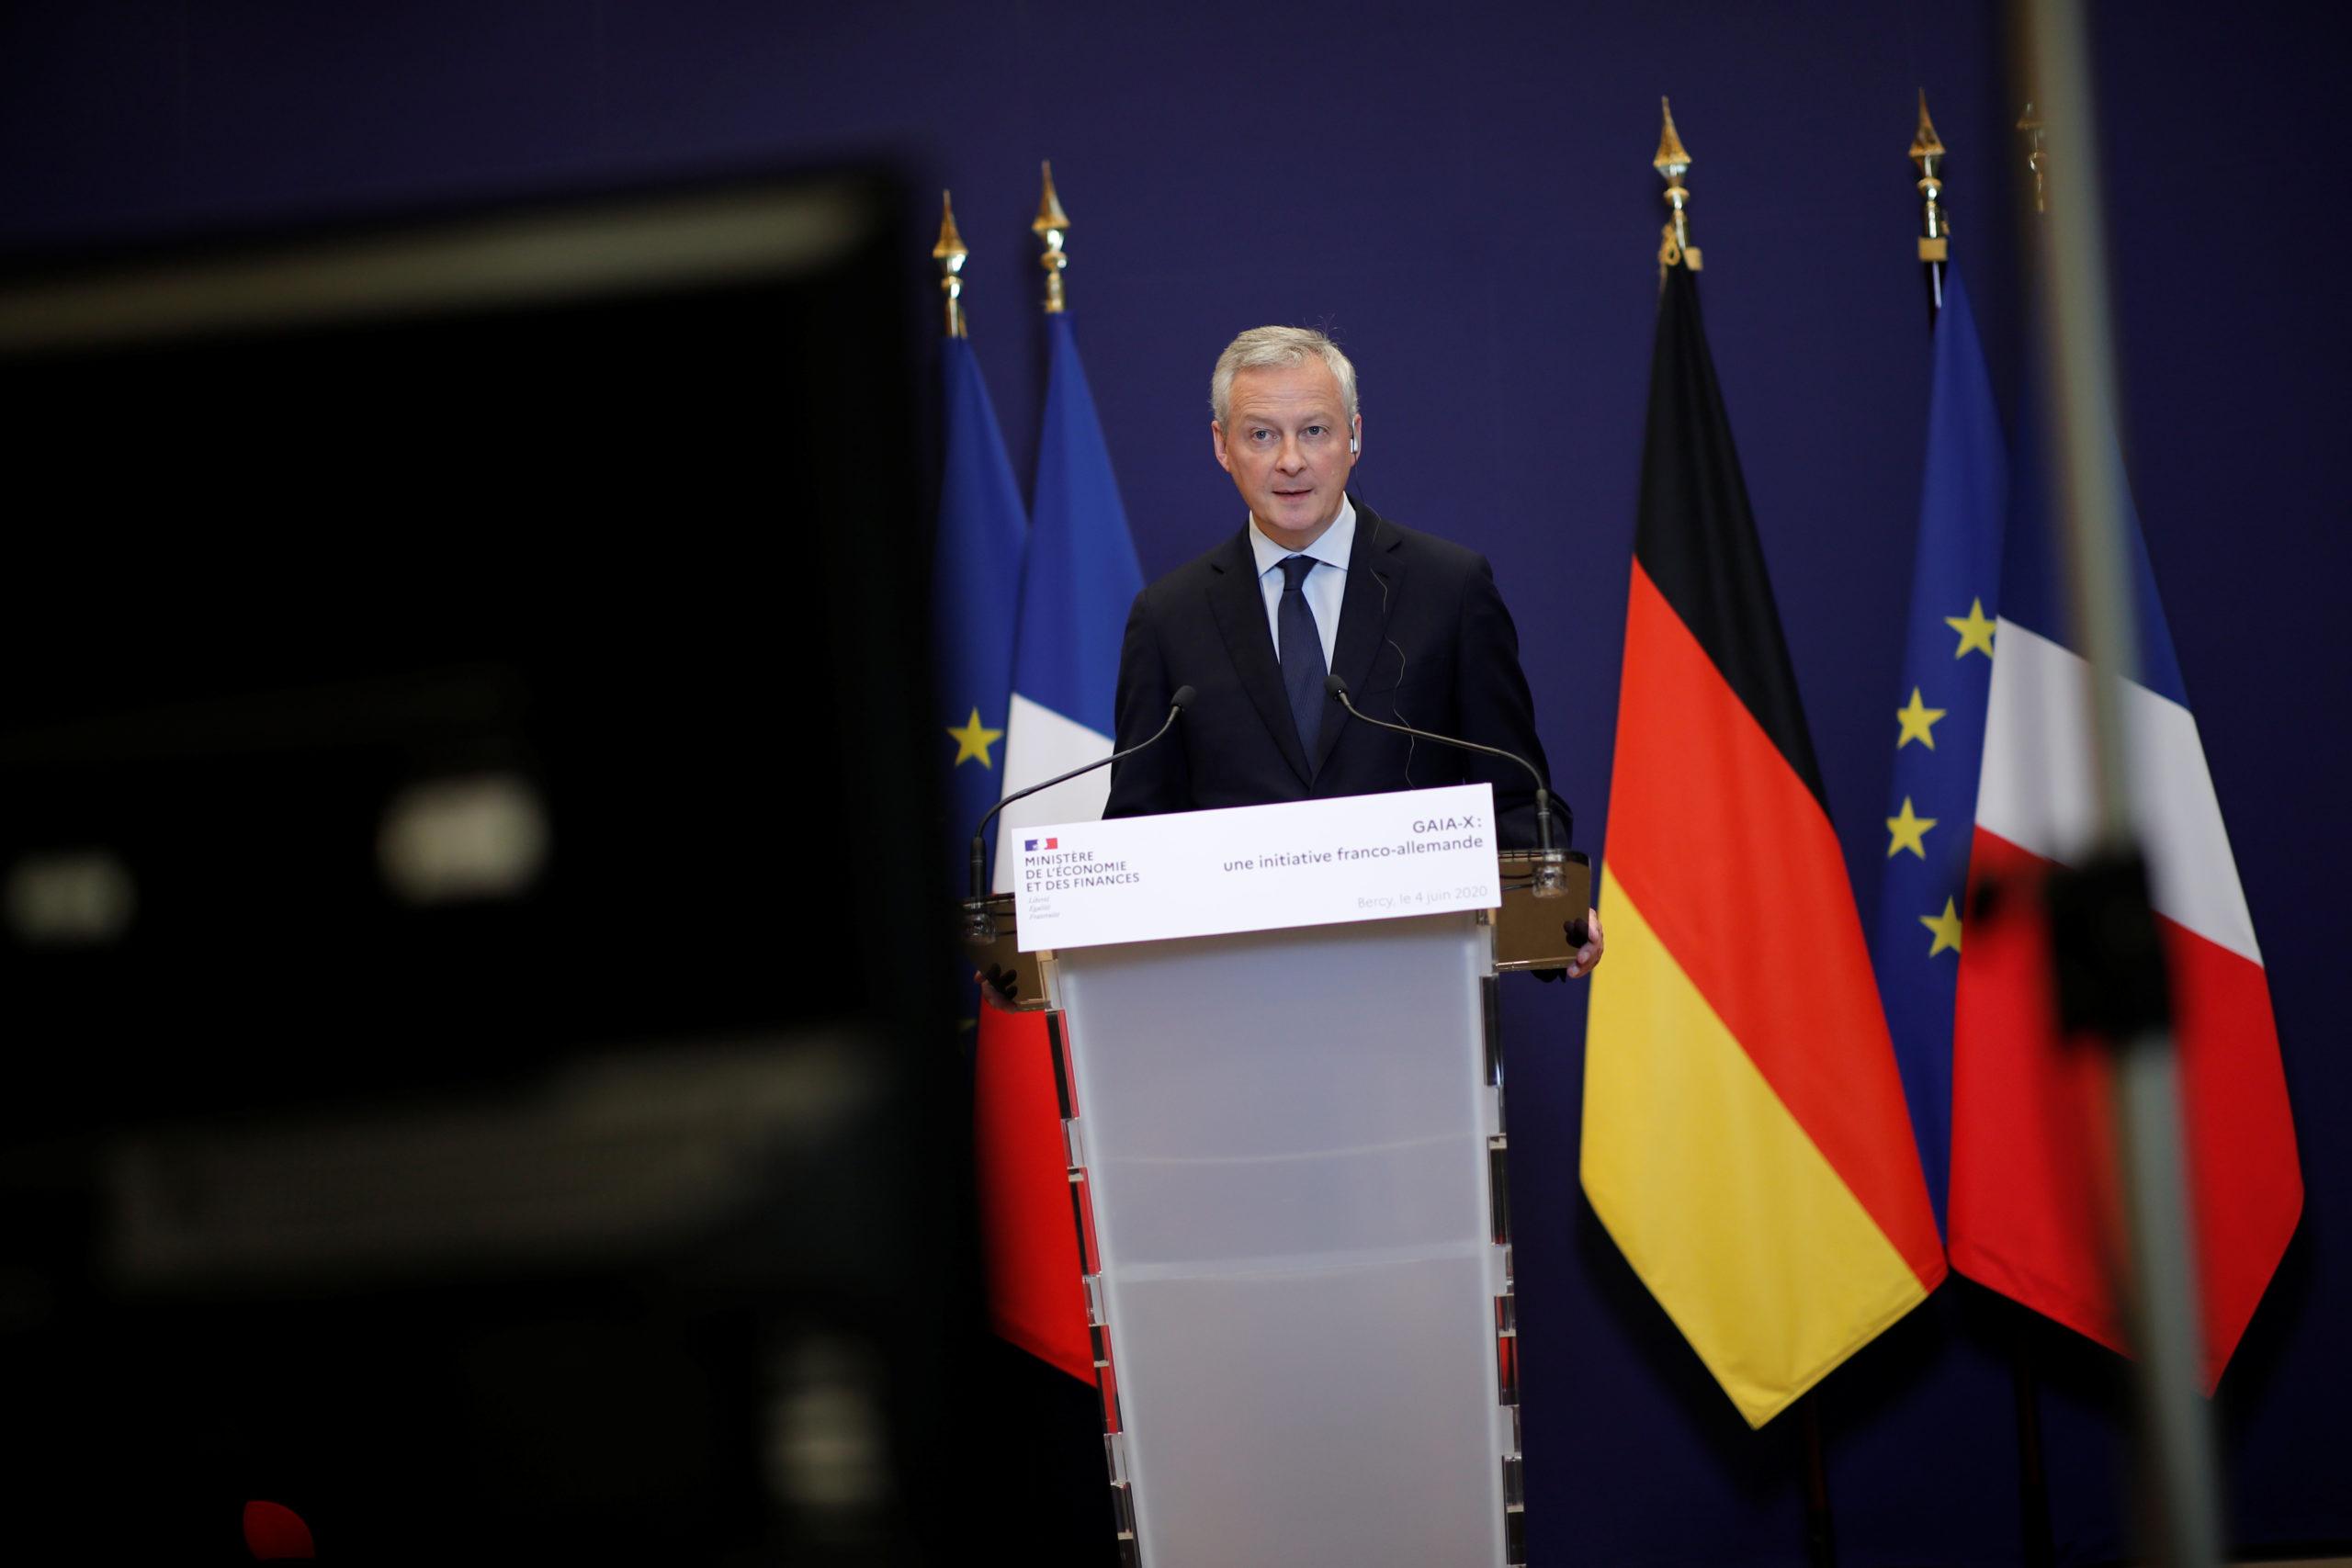 Paris vise une alliance avec l'Allemagne dans l'hydrogène, déclare Le Maire